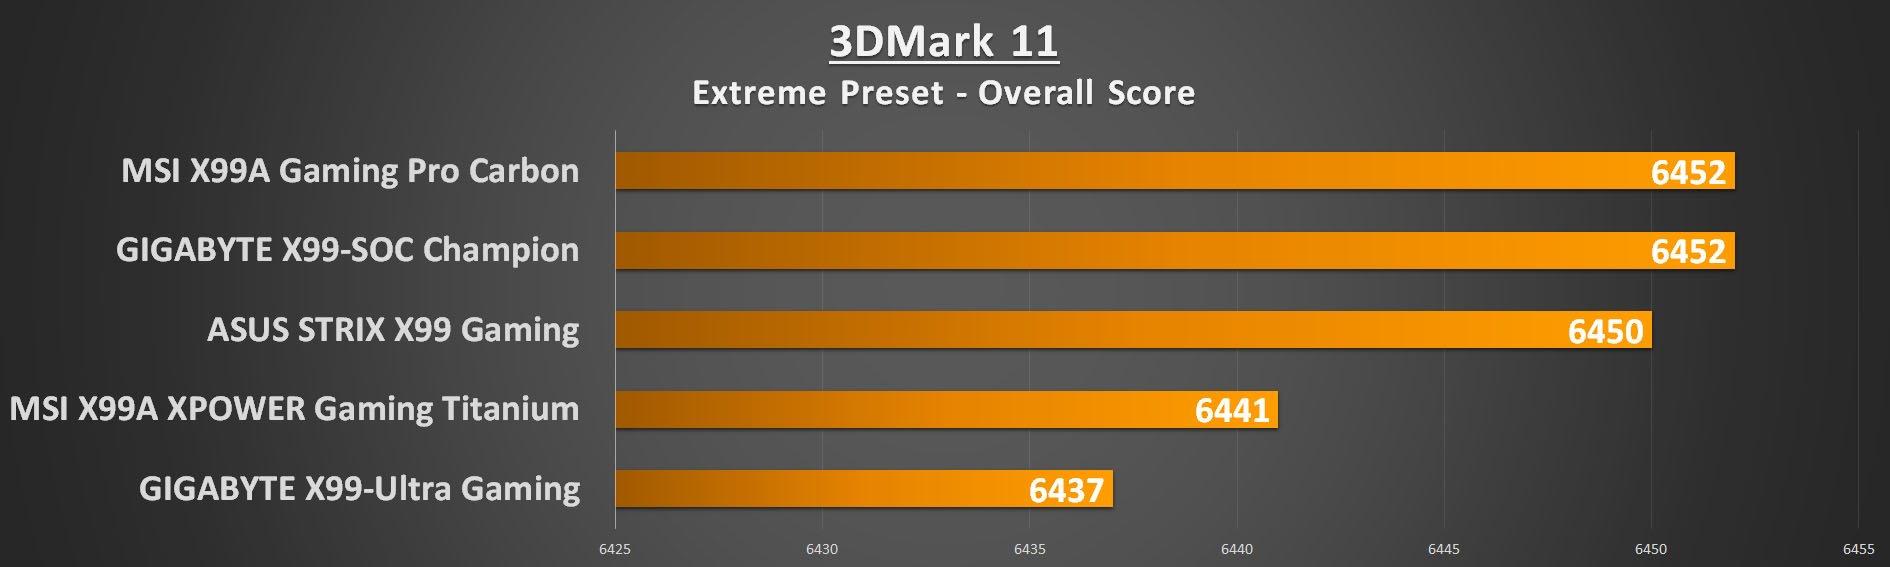 gigabyte-x99-ultra-gaming-3dm11e